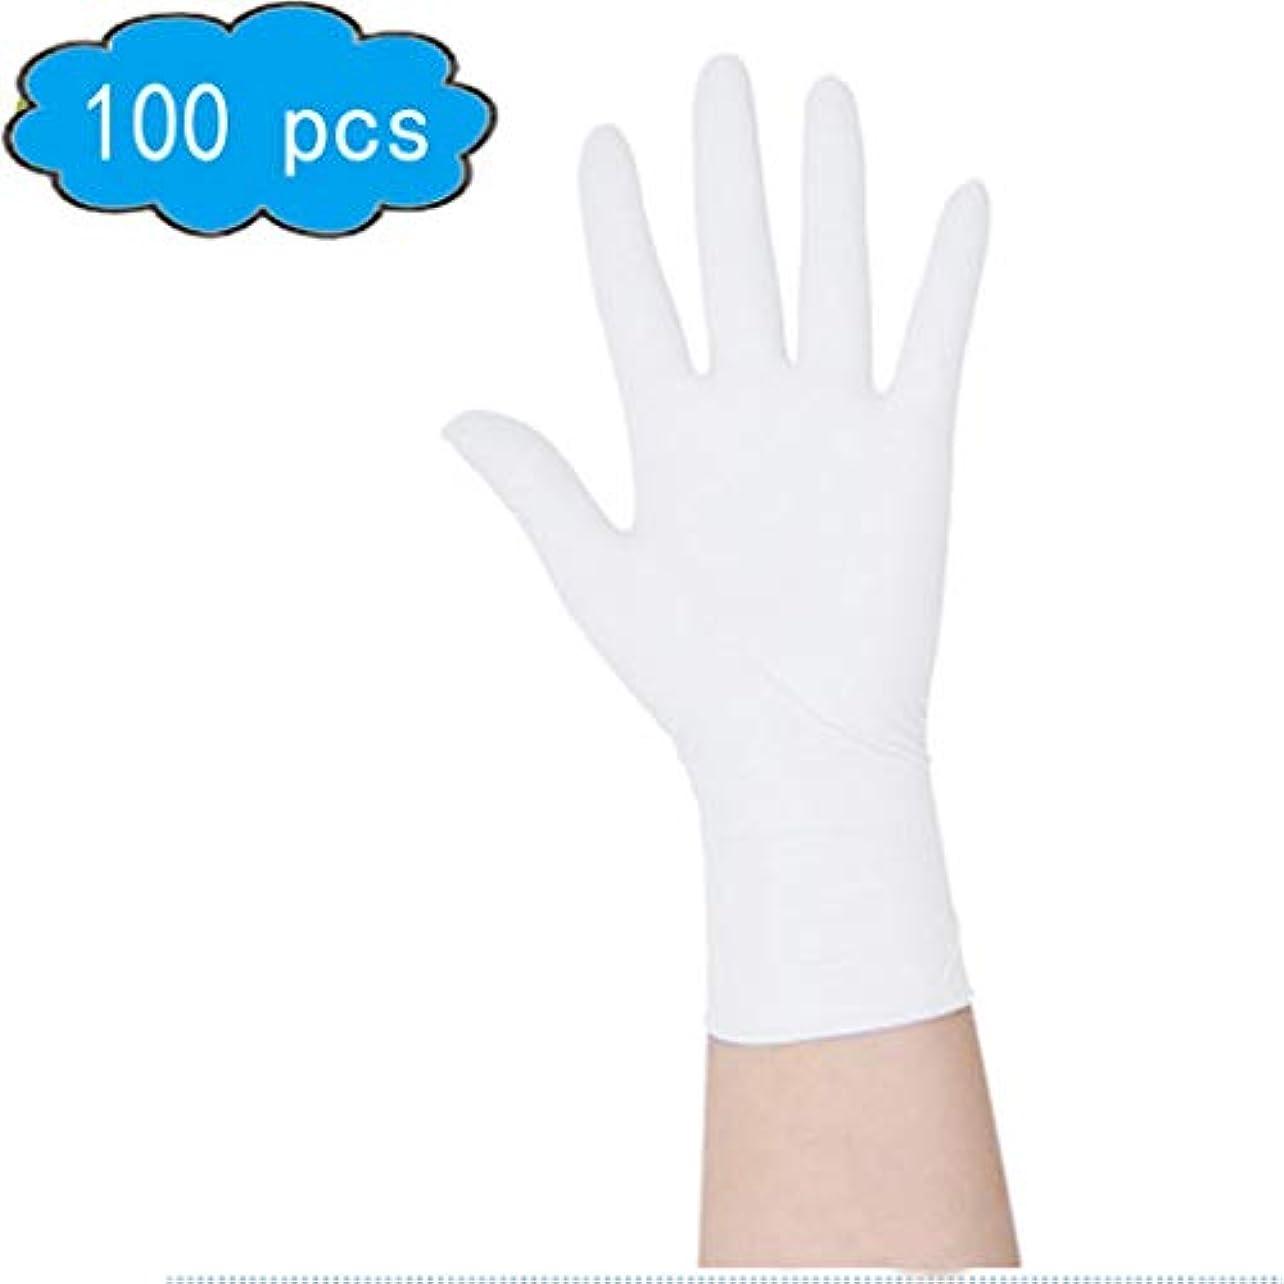 エレメンタル味わう証言使い捨てラテックス検査用手袋、使い捨て、使えるフリーサイズニトリルクリーニンググローブ(100カウント) (Color : White, Size : L)